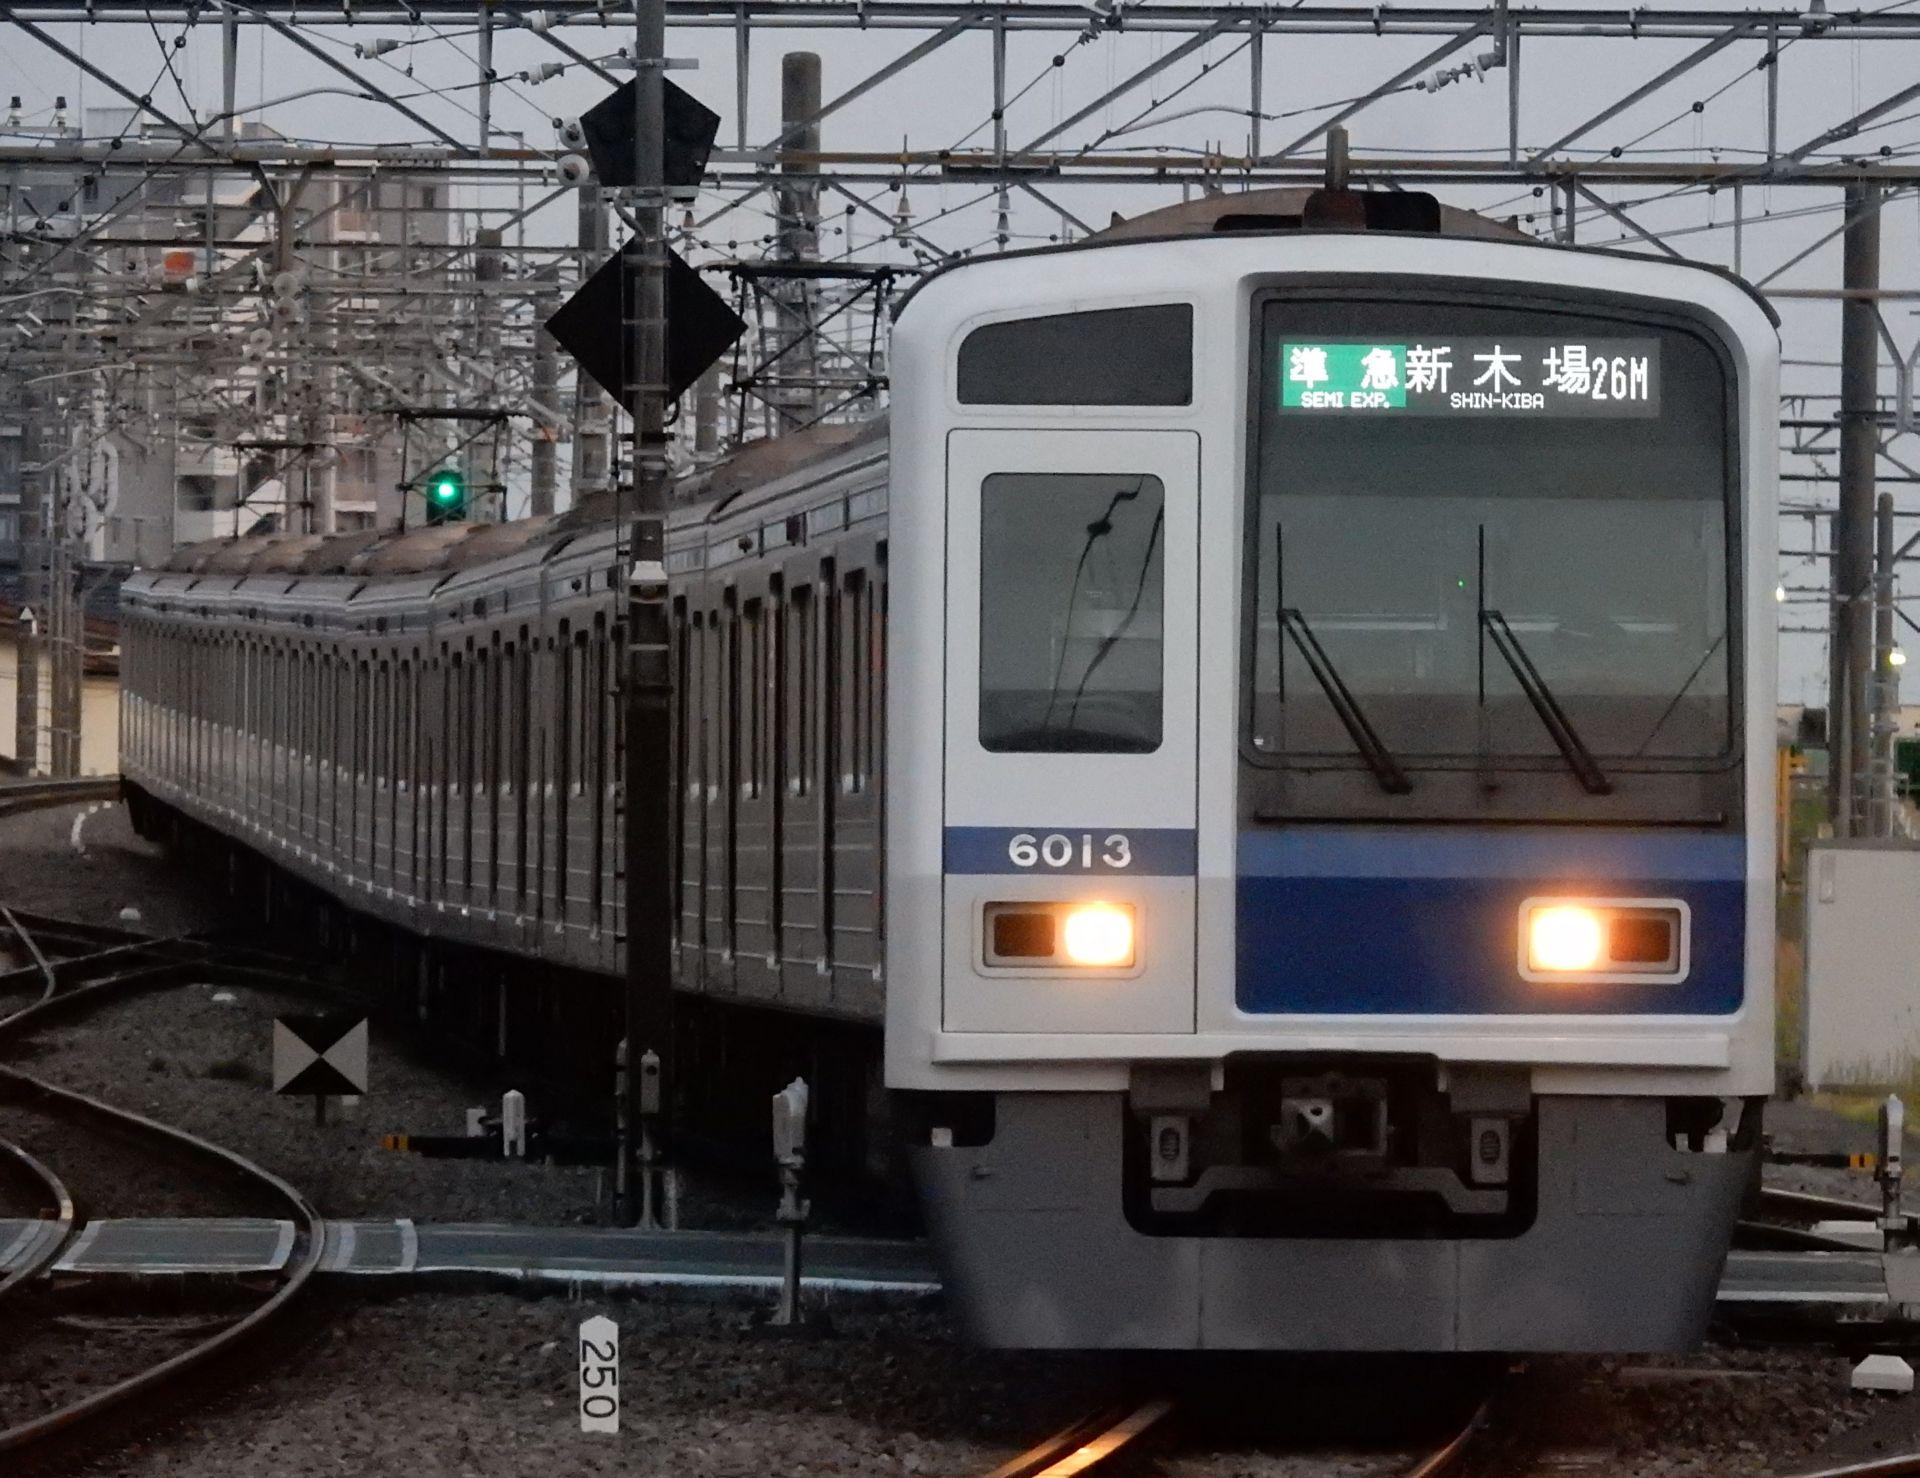 DSCN9388 - コピー